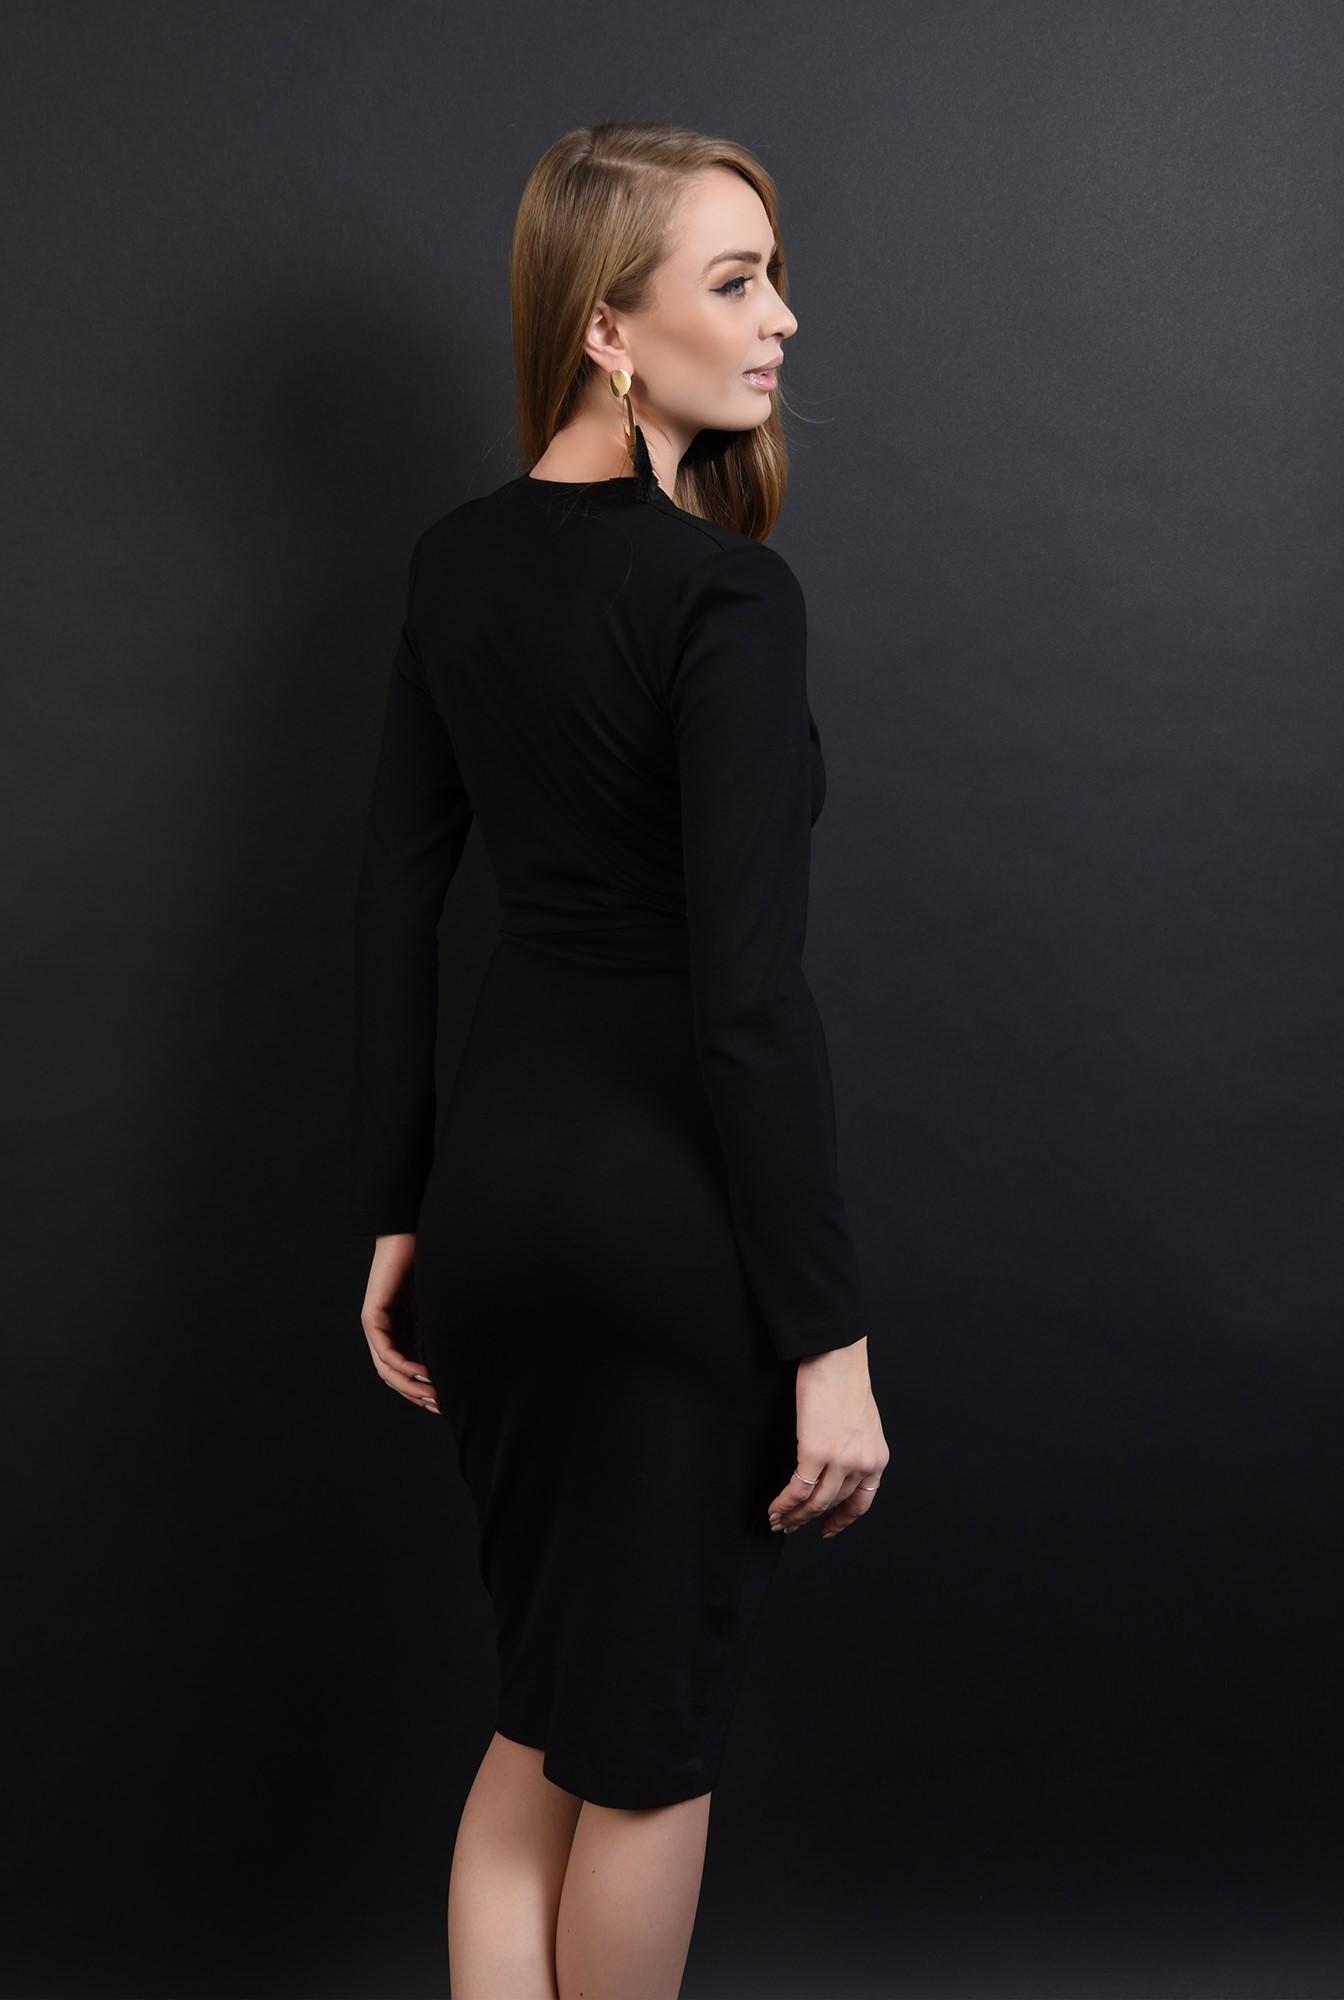 2 - 360 - rochie neagra, conica, cu anchior amplu